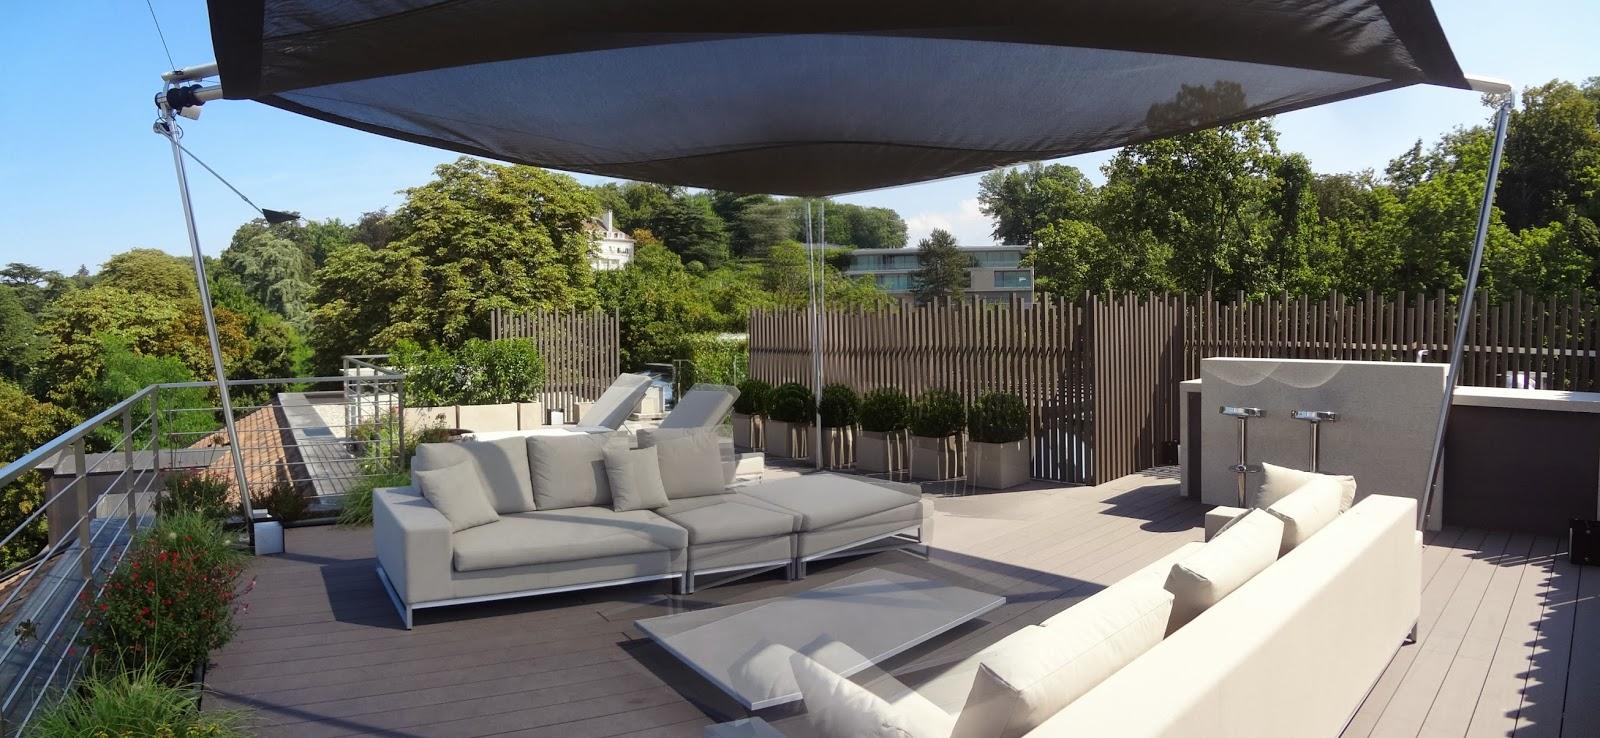 gc architecture int rieure photos fin de chantier patio d. Black Bedroom Furniture Sets. Home Design Ideas